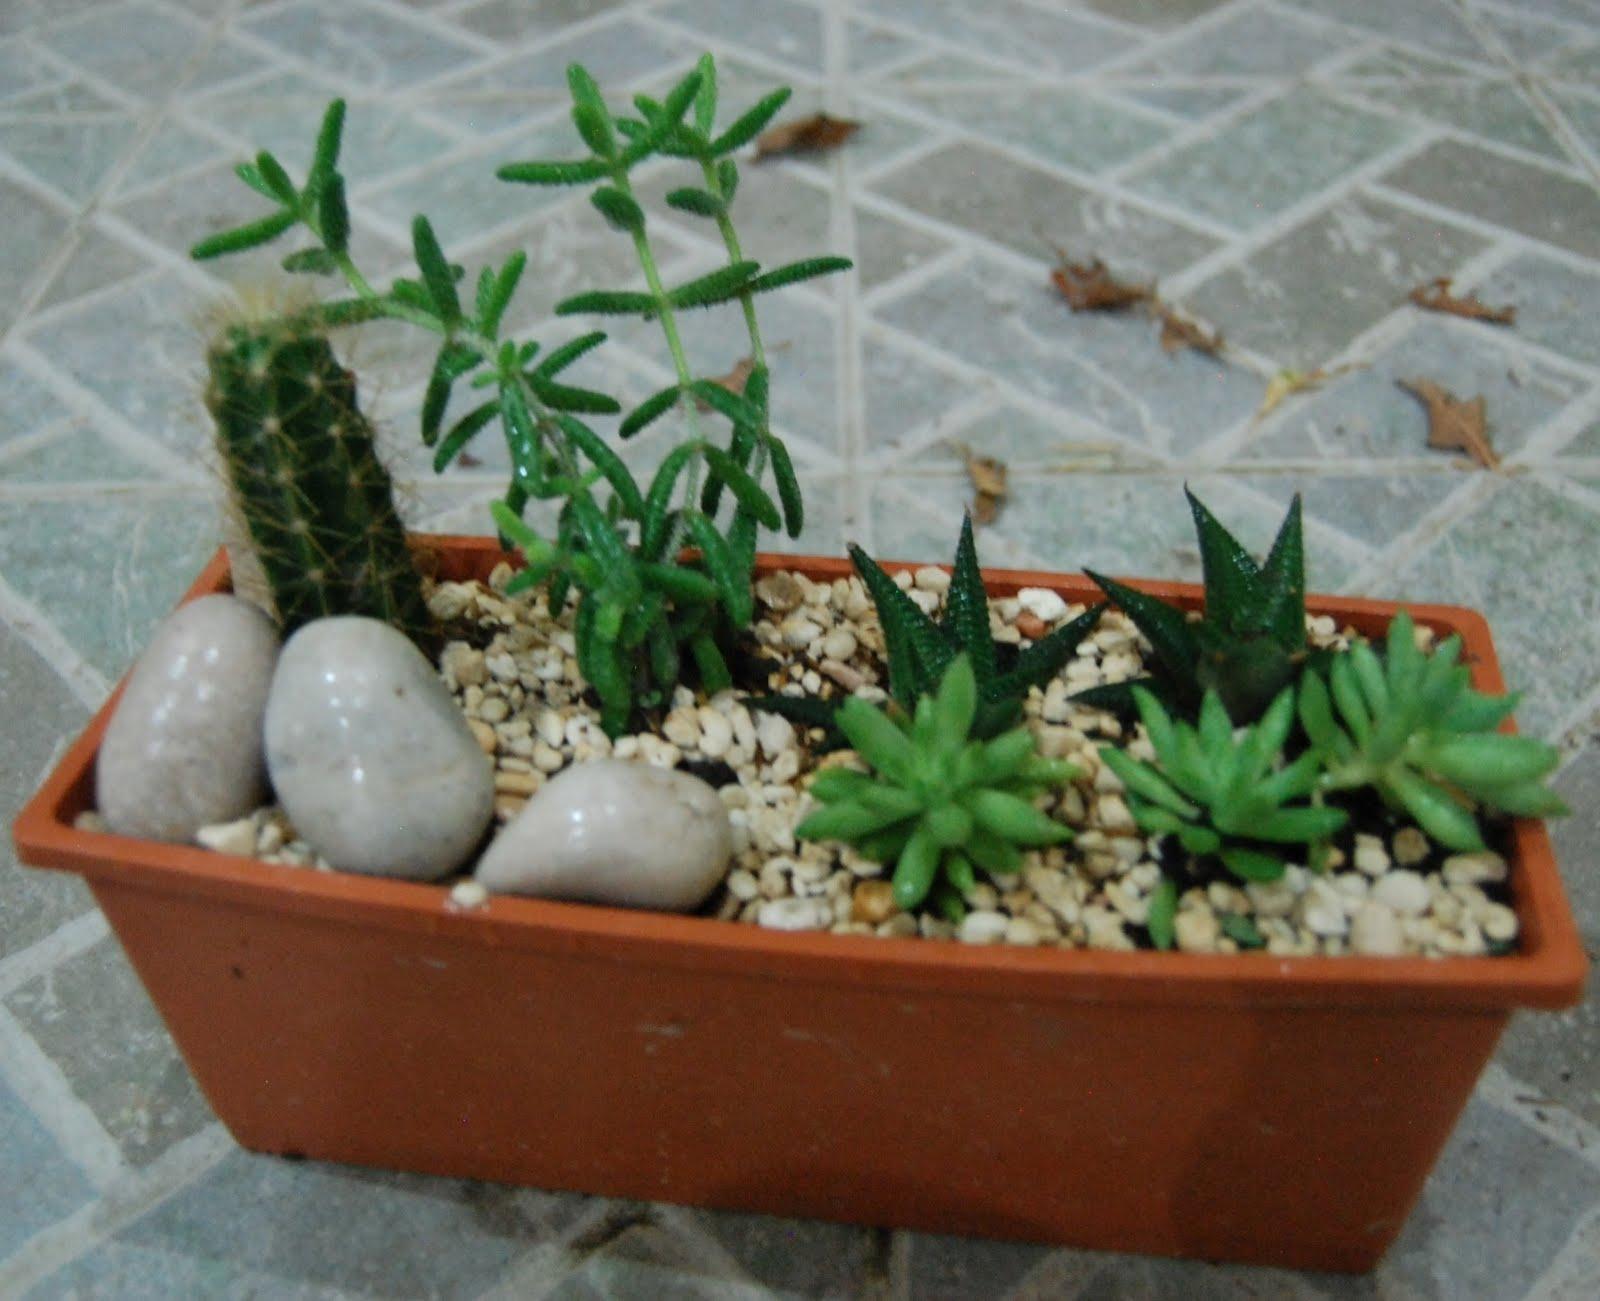 Planting Cactus Dish Garden Garden Ftempo